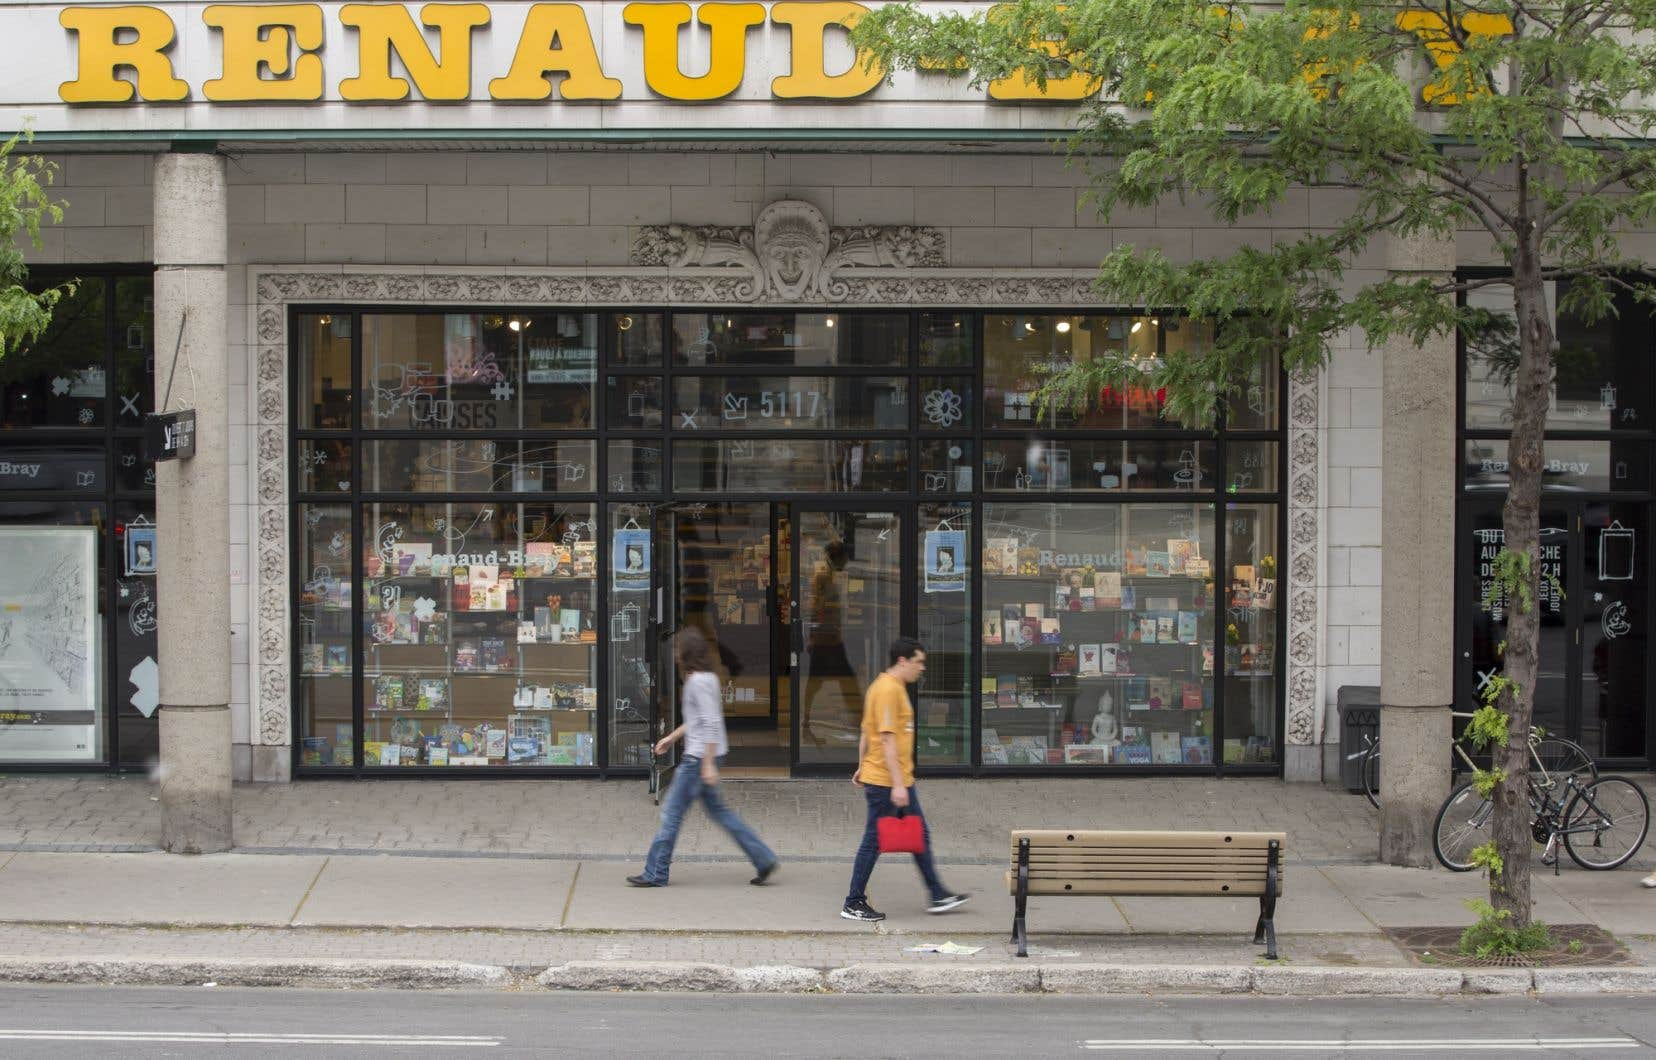 Diffusion Dimedia s'est déclaré de son côté déçu de la décision, et a annoncé son intention de poursuivre le recours sur le fond des enjeux juridiques et de démontrer que l'importation directe de livres de France par Renaud-Bray, admise par la chaîne de librairies, est illégale.